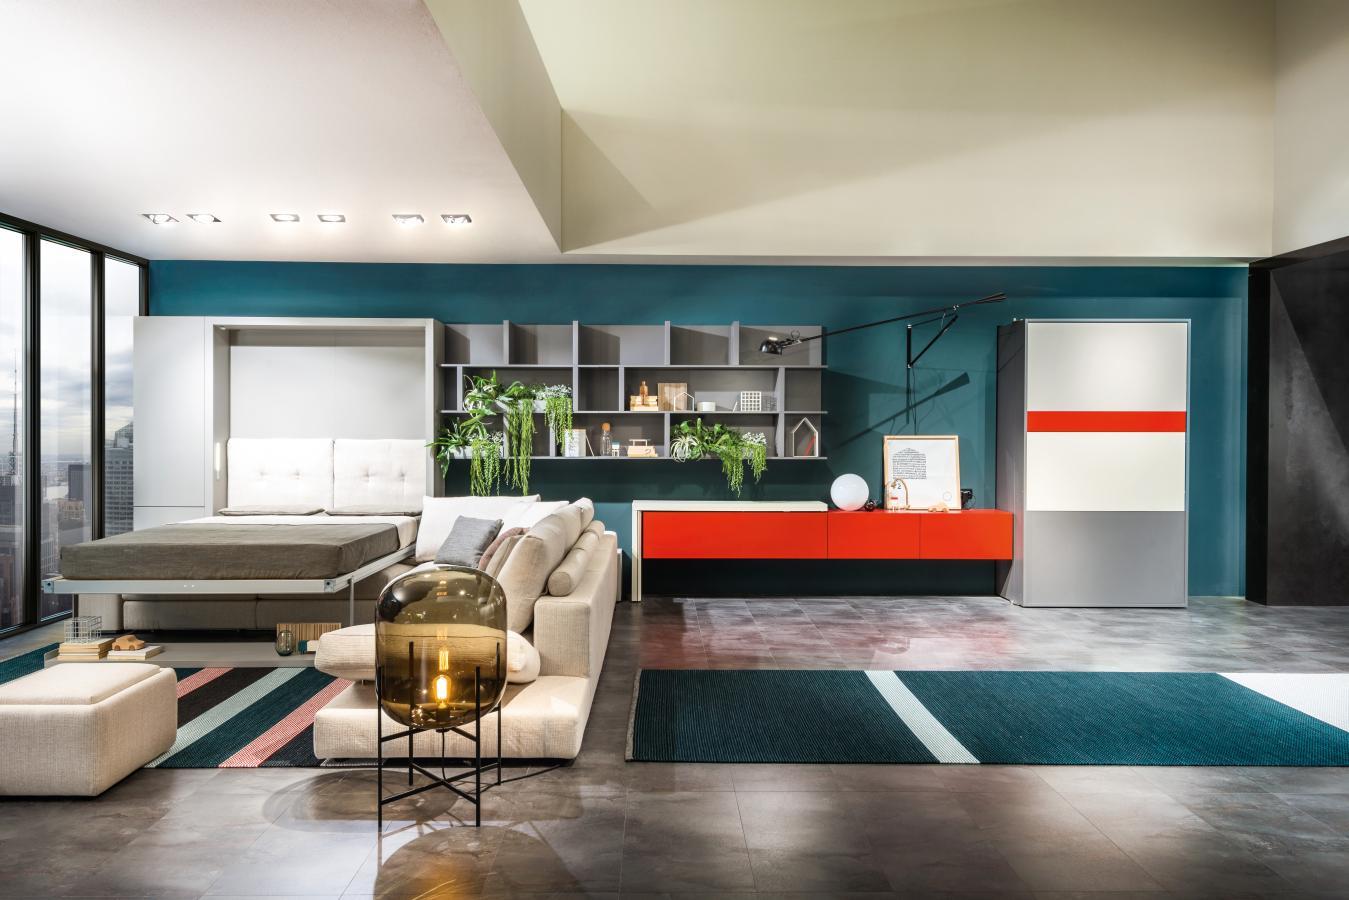 פתרונות עיצוב לדירות קטנות